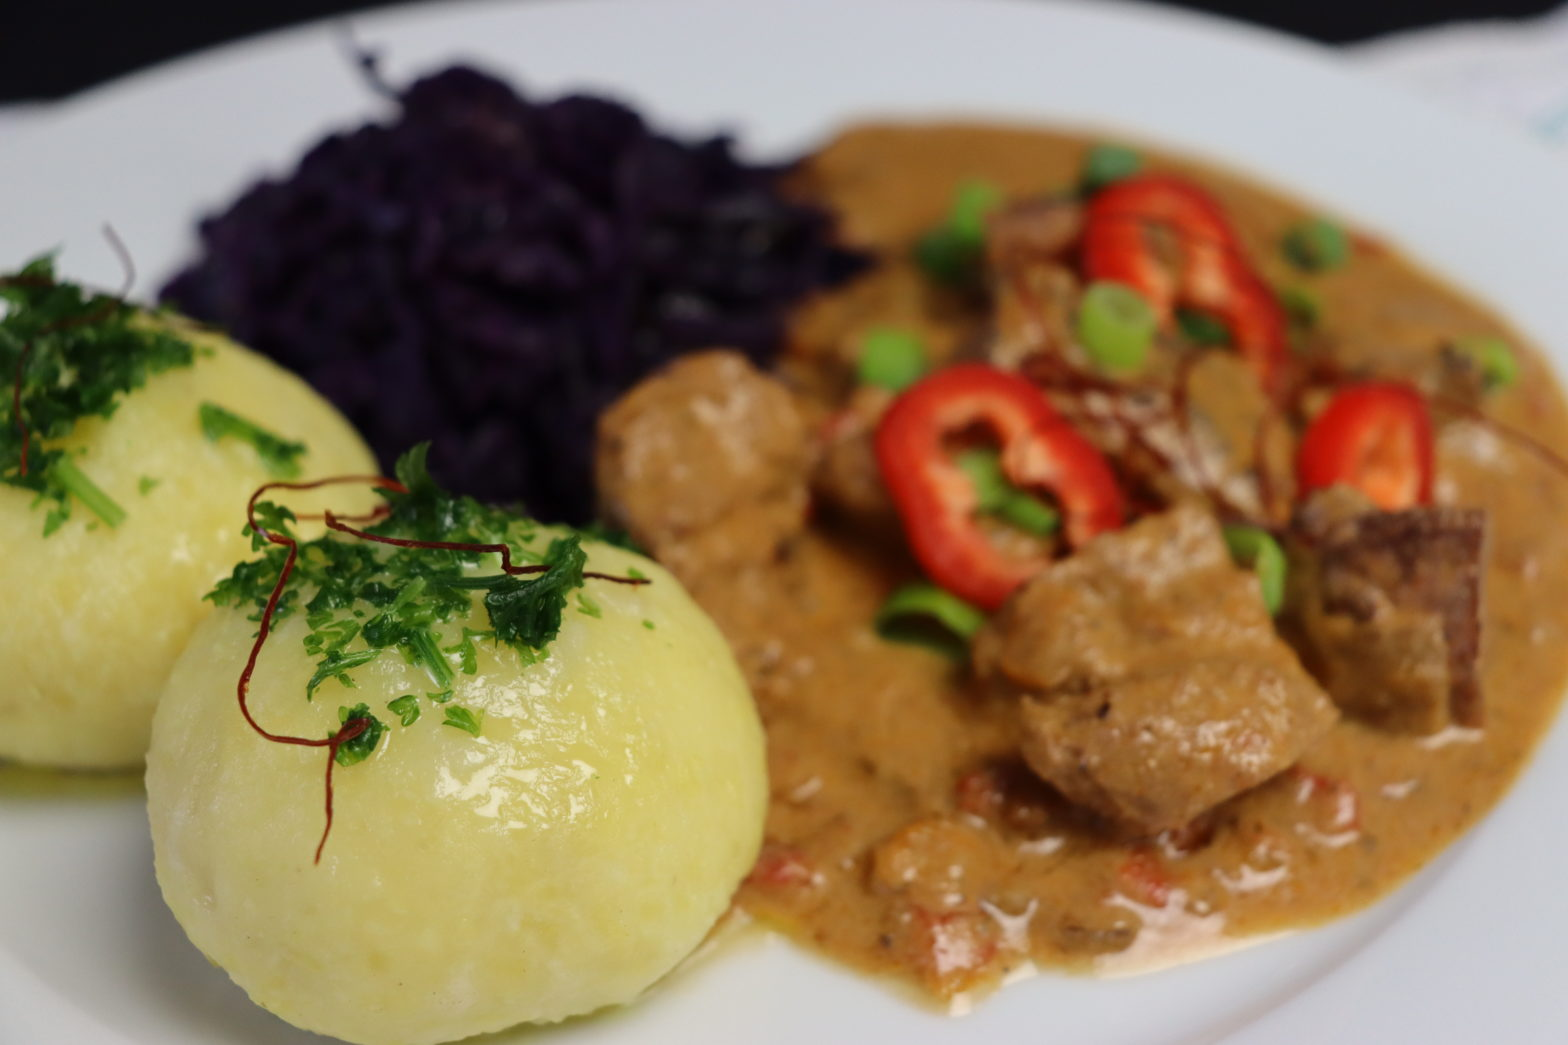 Ein Telle mit zwei Kartoffelklöße, Rotkohl und veganem Gulasch dekorirt mit rote Paprika Scheiben